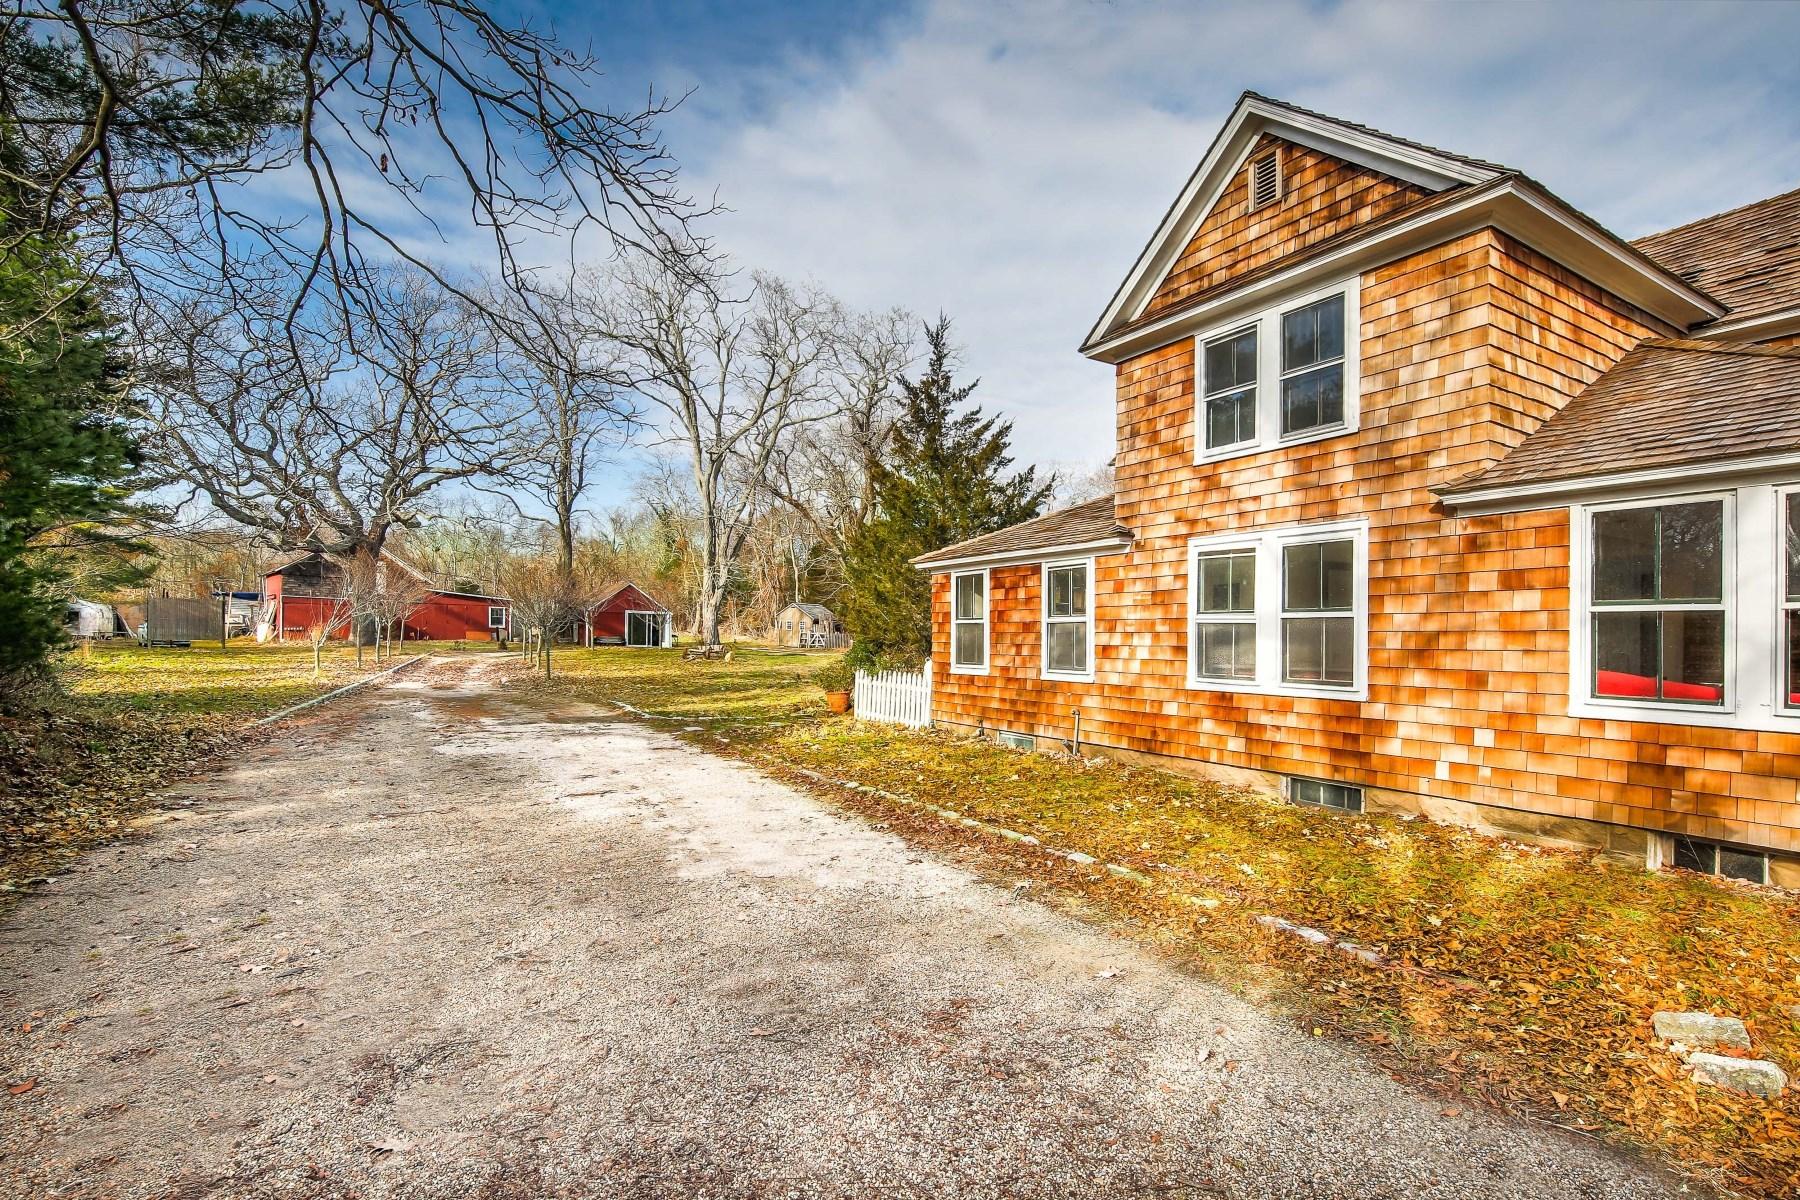 Casa para uma família para Venda às The 1880 Pidgeon Family Farm 599 Springs Fireplace Road Springs, East Hampton, Nova York 11937 Estados Unidos